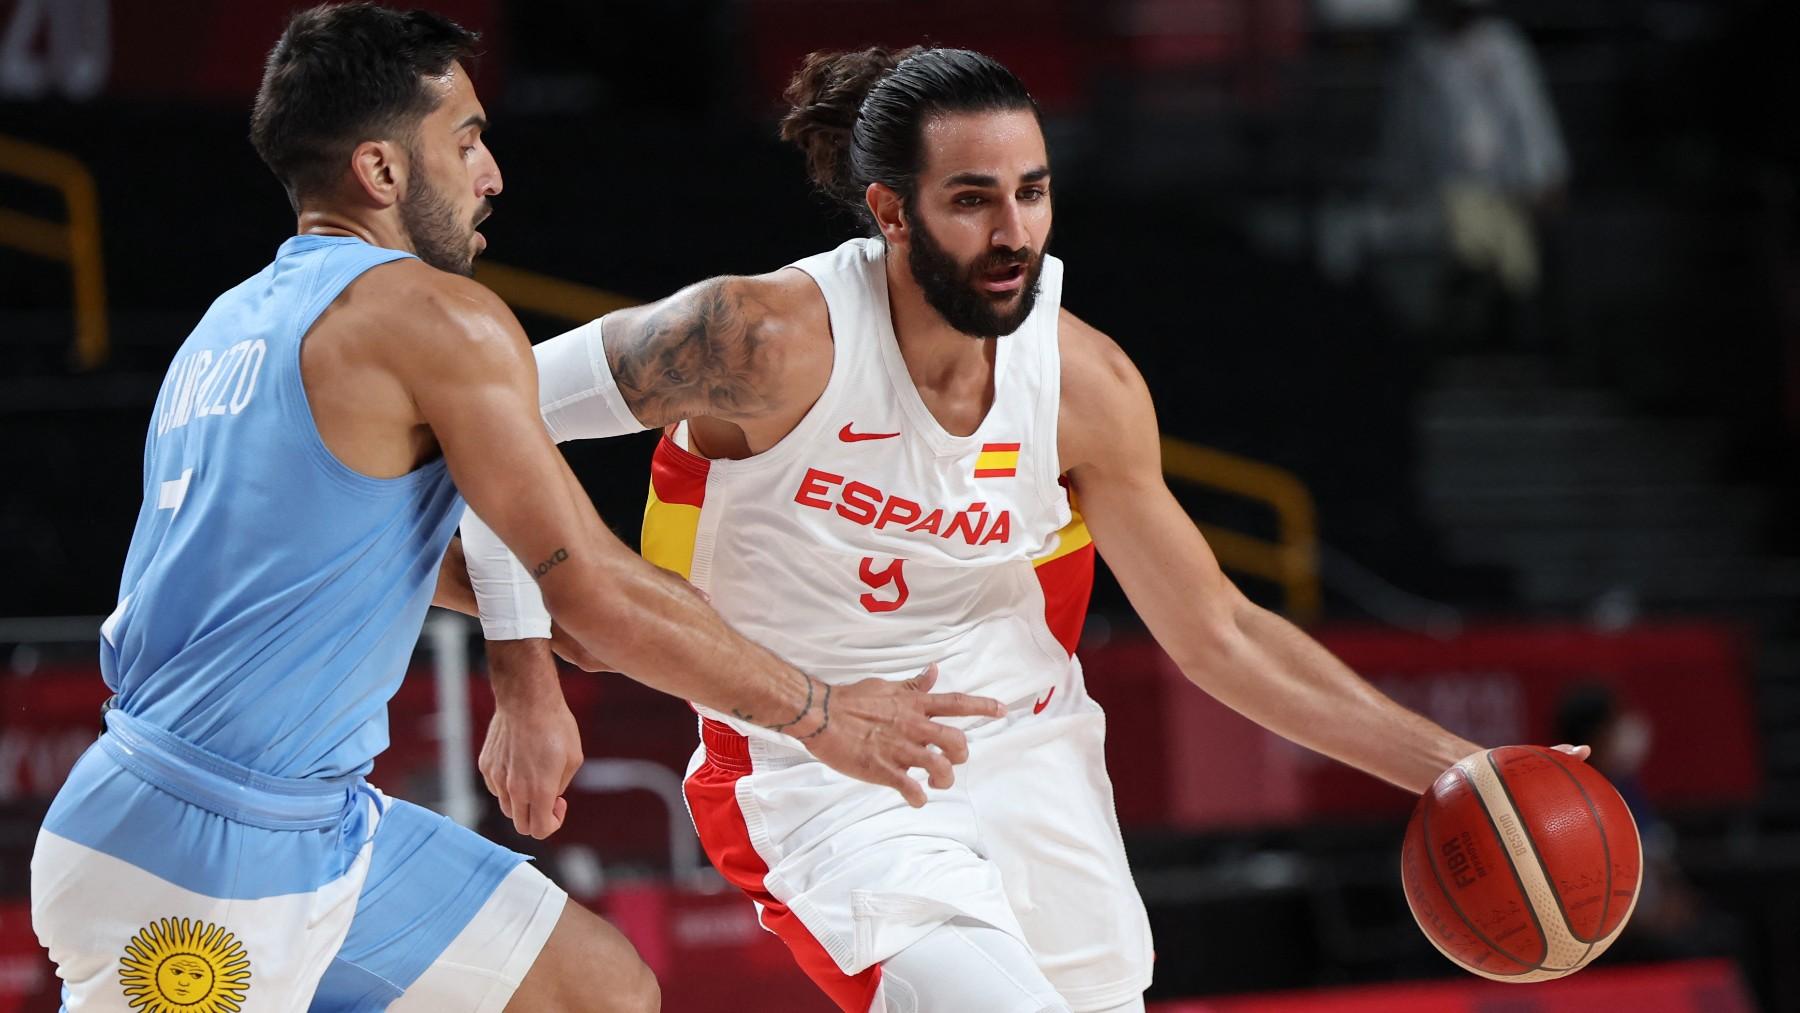 España – Argentina: partido de baloncesto de los Juegos Olímpicos en directo